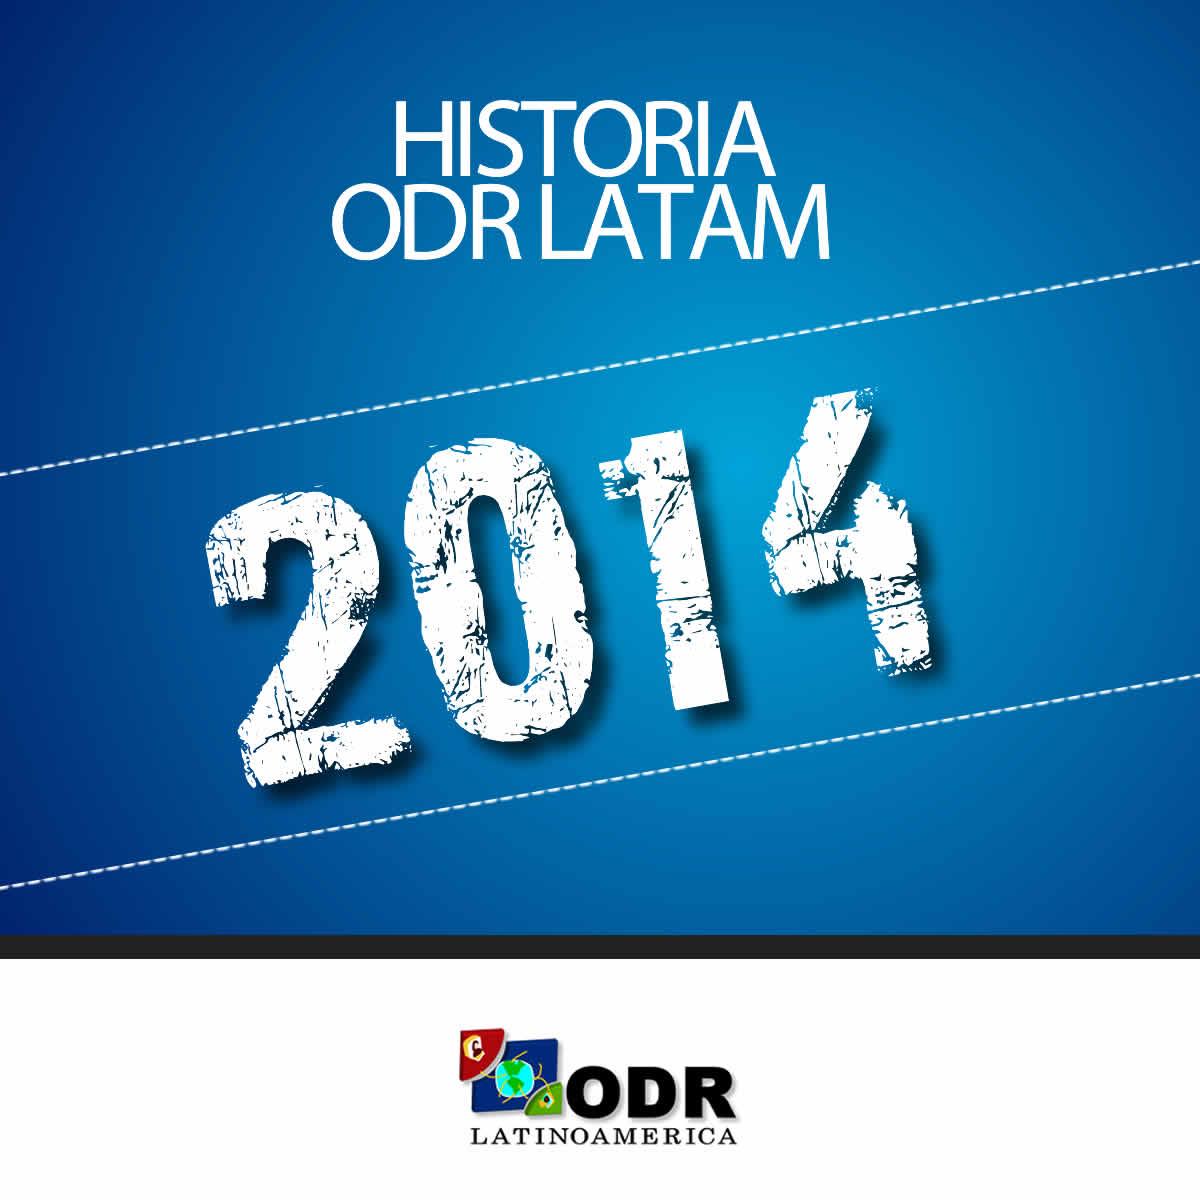 Historia ODR LATAM 2014